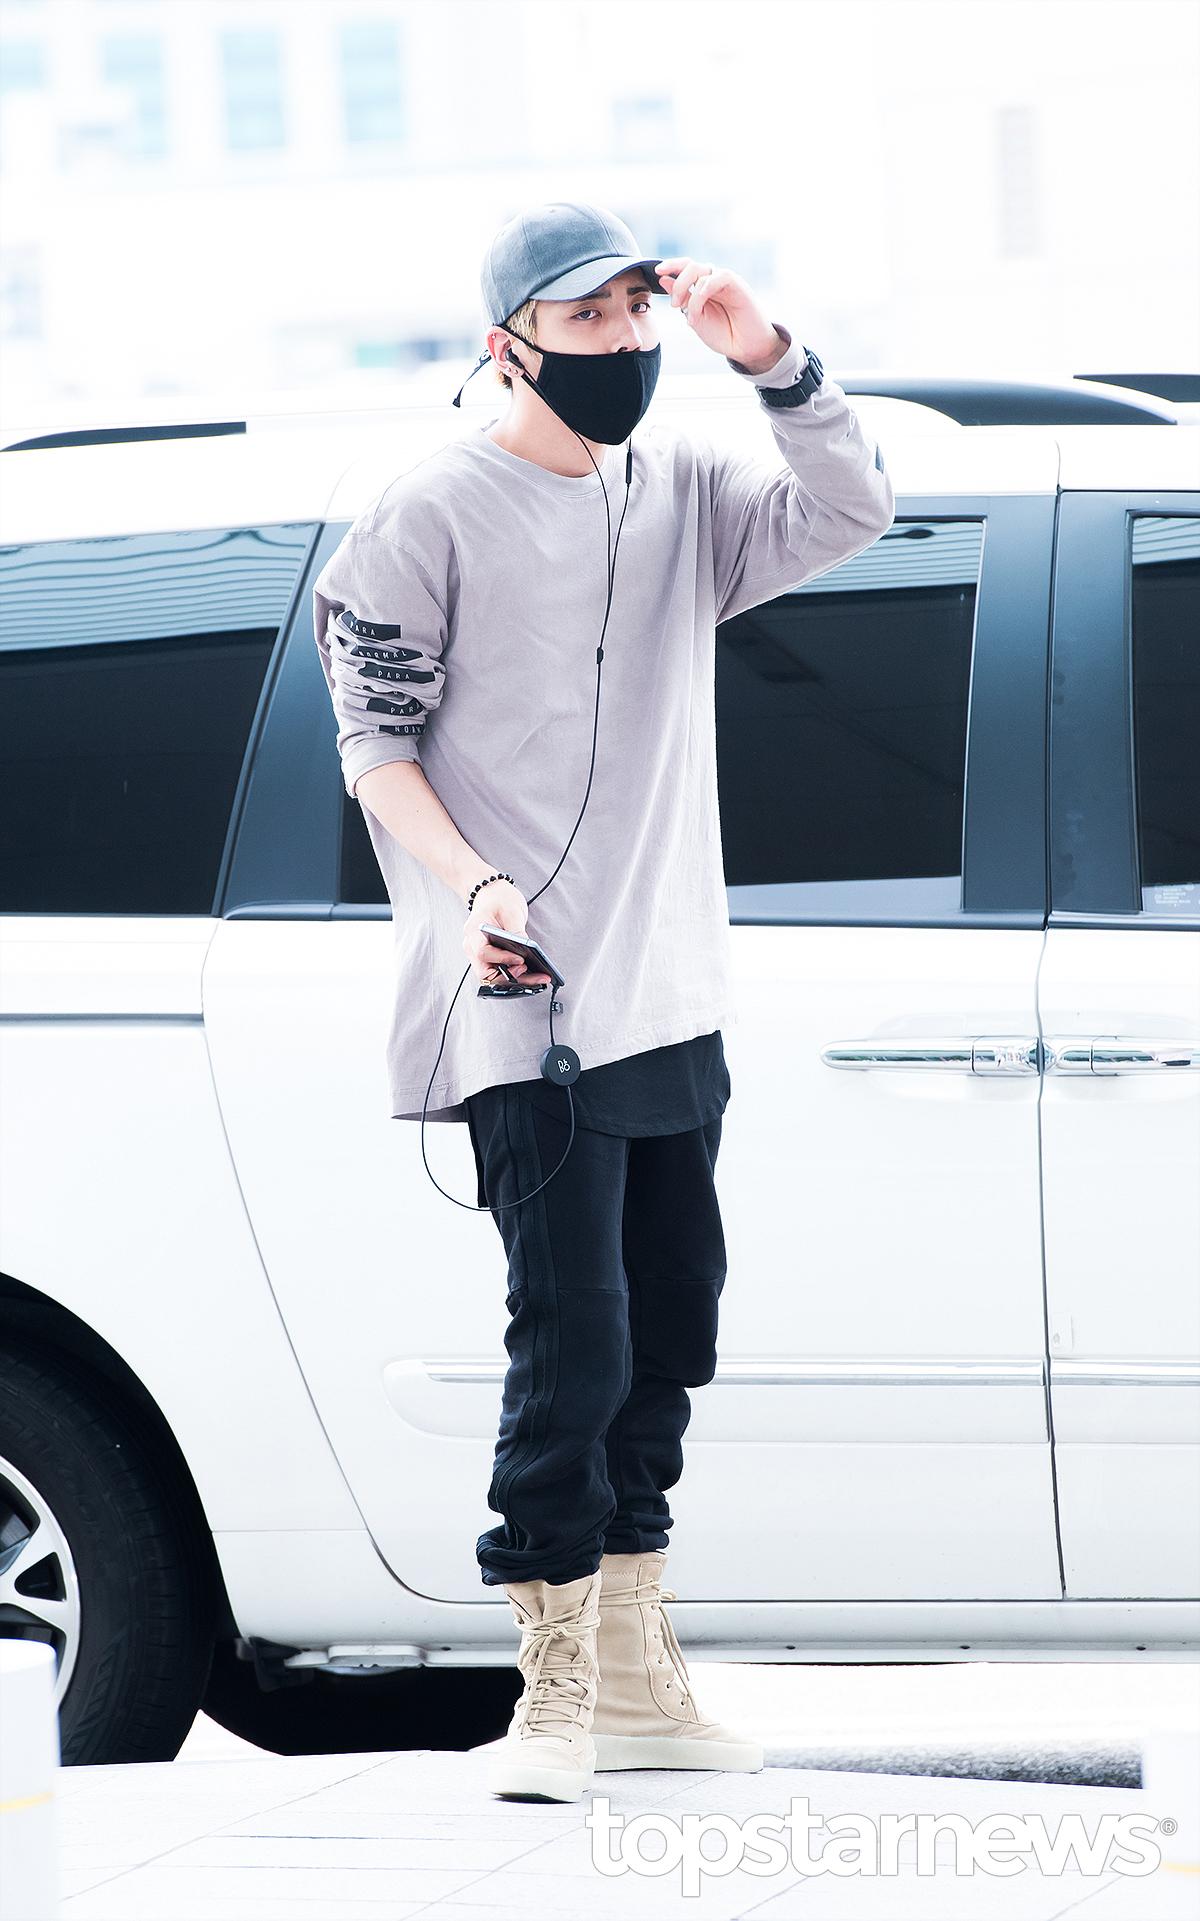 [IMG/160715] Jonghyun, Key @ Aeropuerto Incheon hacia Japón. H34c67lM